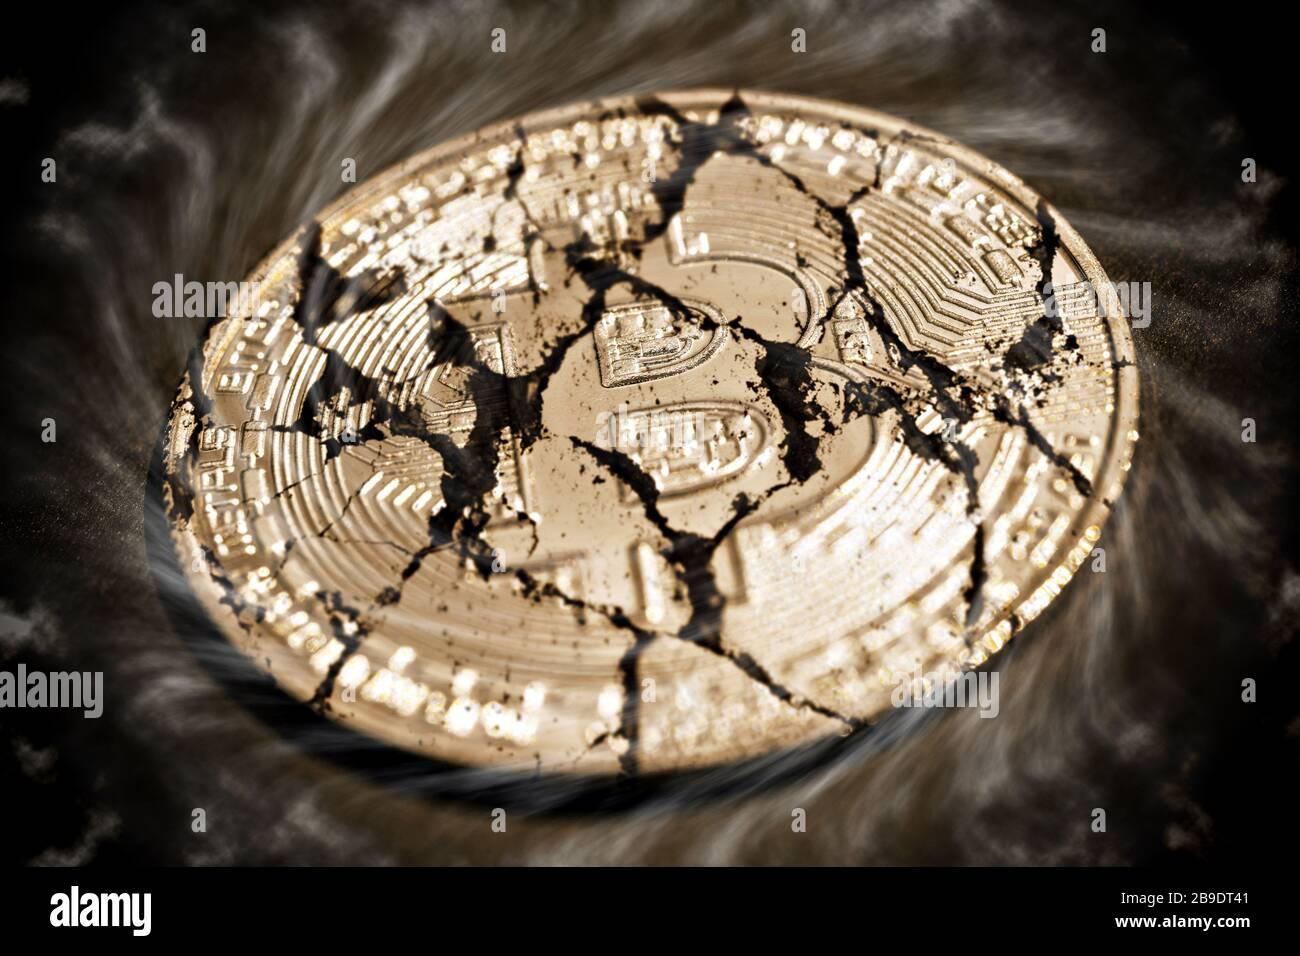 PHOTOMONTAGE, coin with Bitcoin sign and tears, FOTOMONTAGE, Münze mit Bitcoin-Zeichen und Rissen Stock Photo